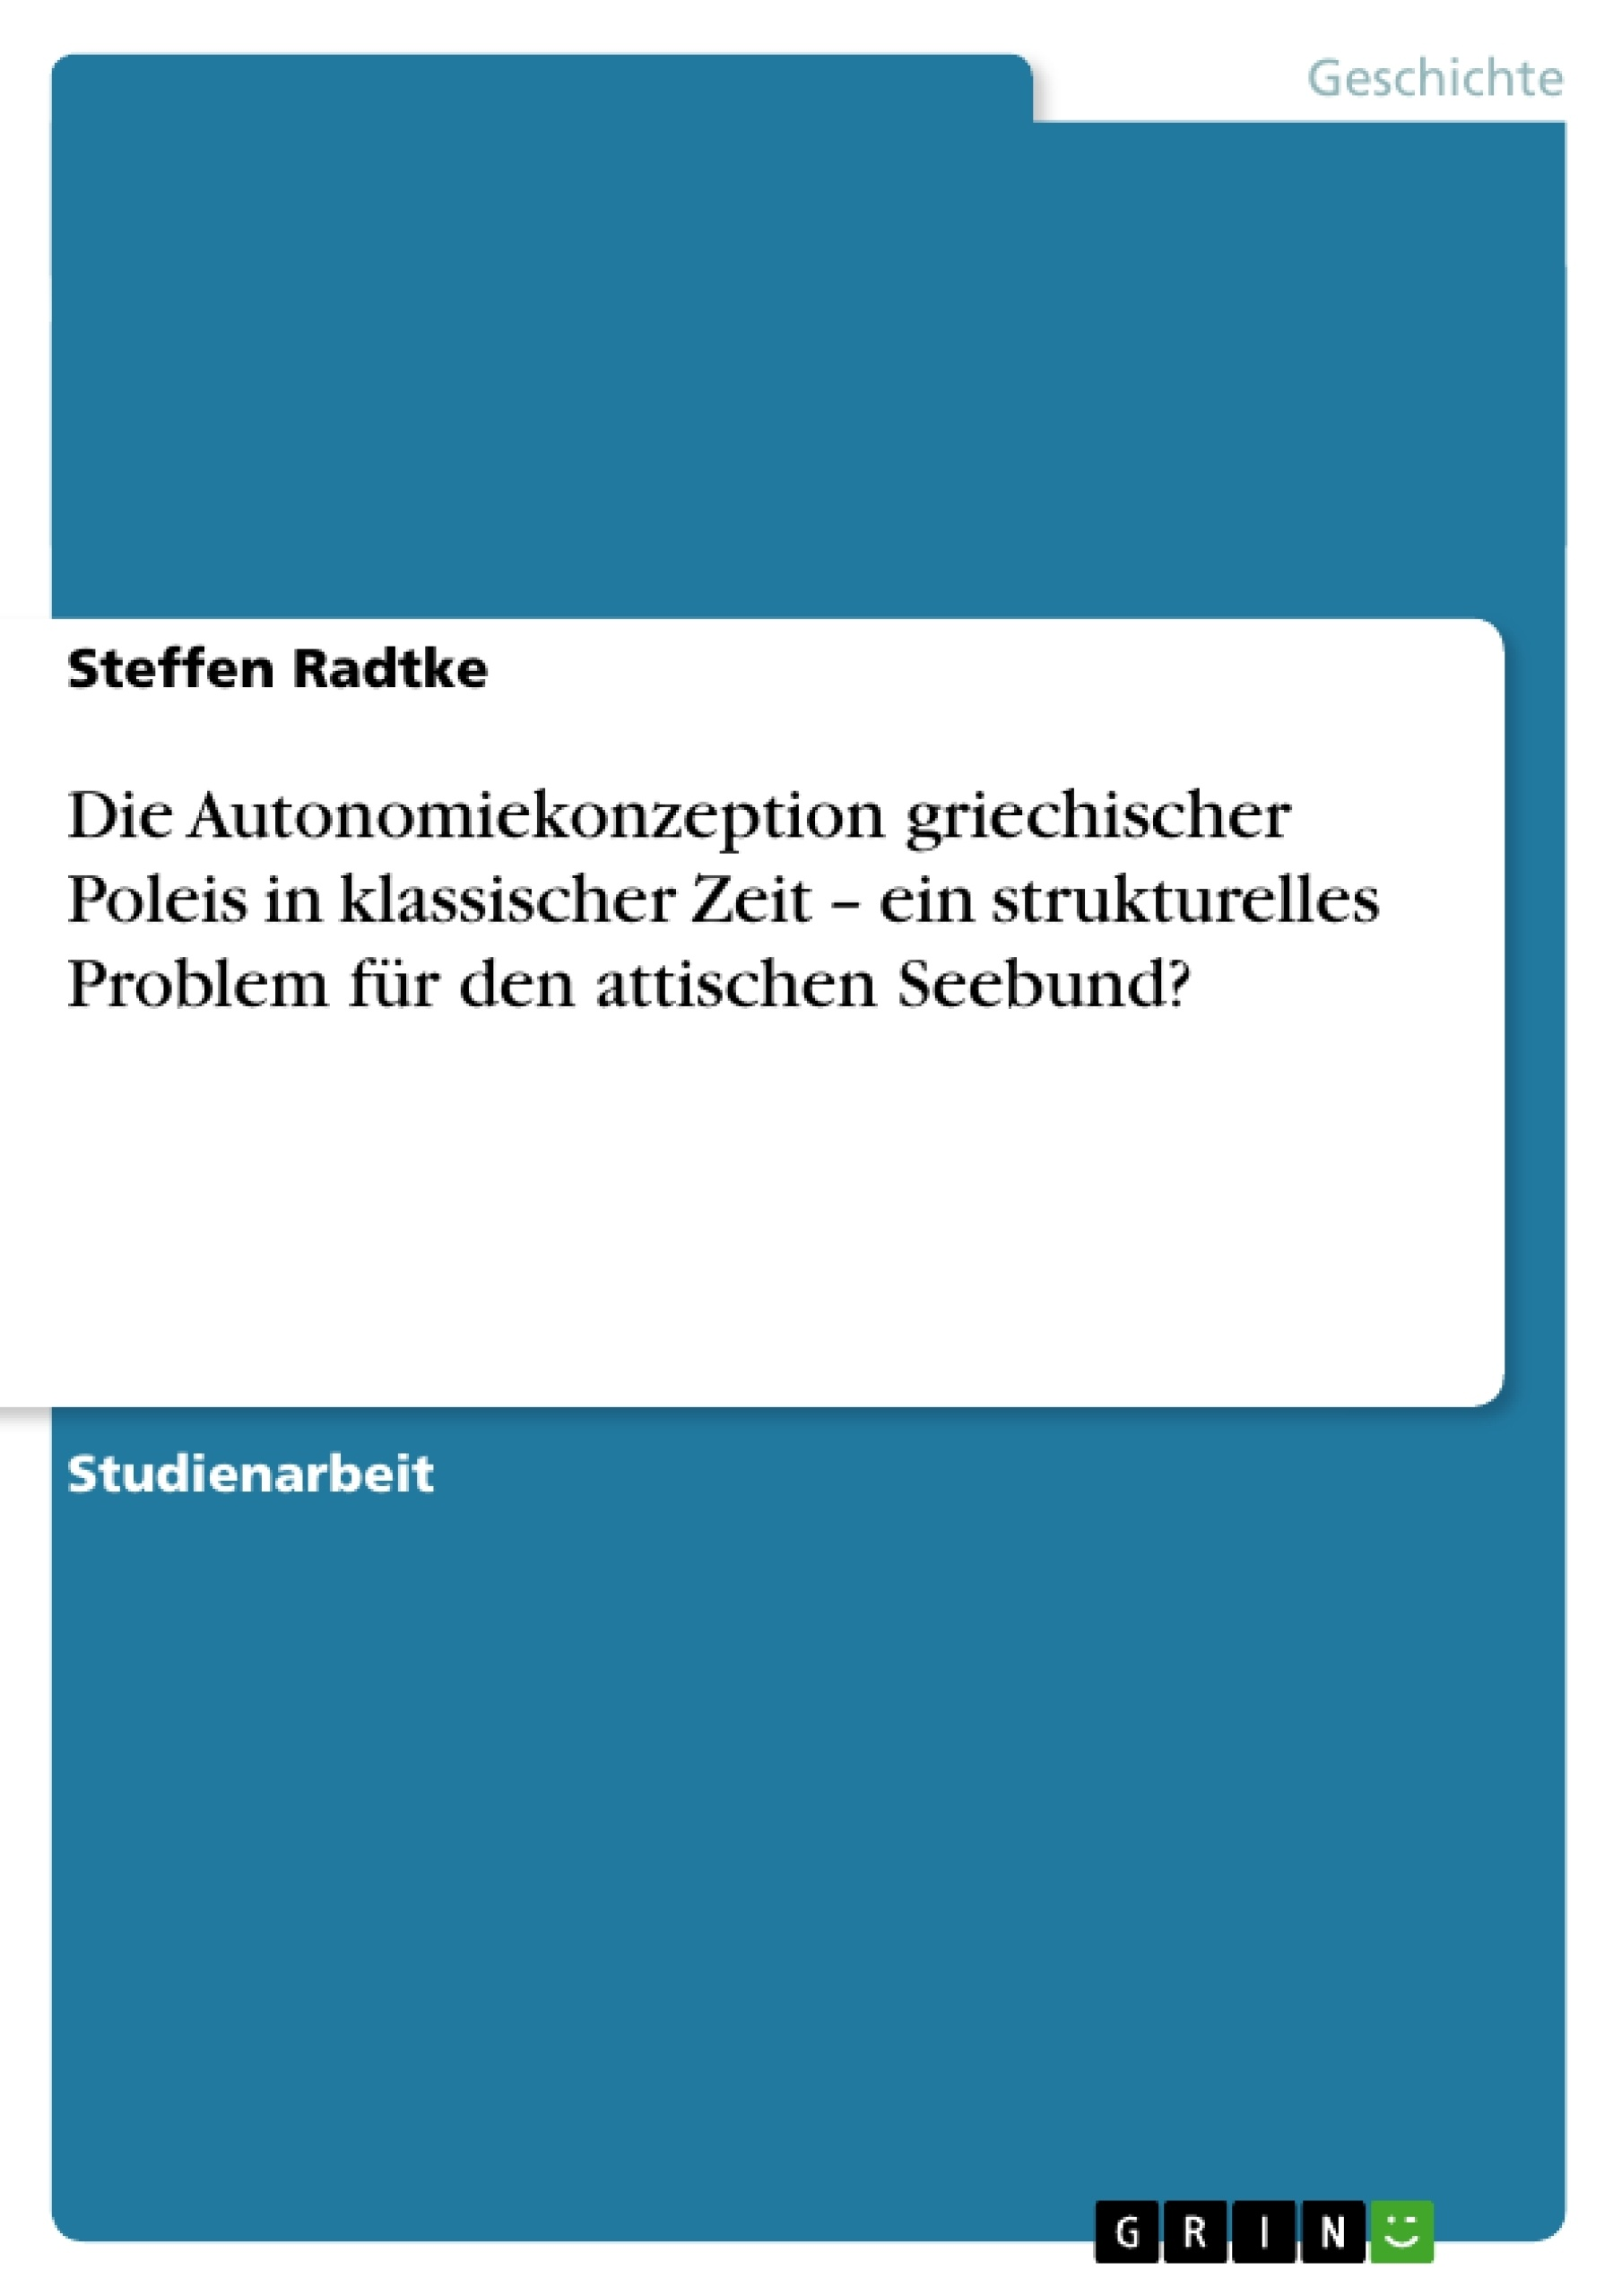 Titel: Die Autonomiekonzeption griechischer  Poleis in klassischer Zeit – ein strukturelles Problem für den attischen Seebund?